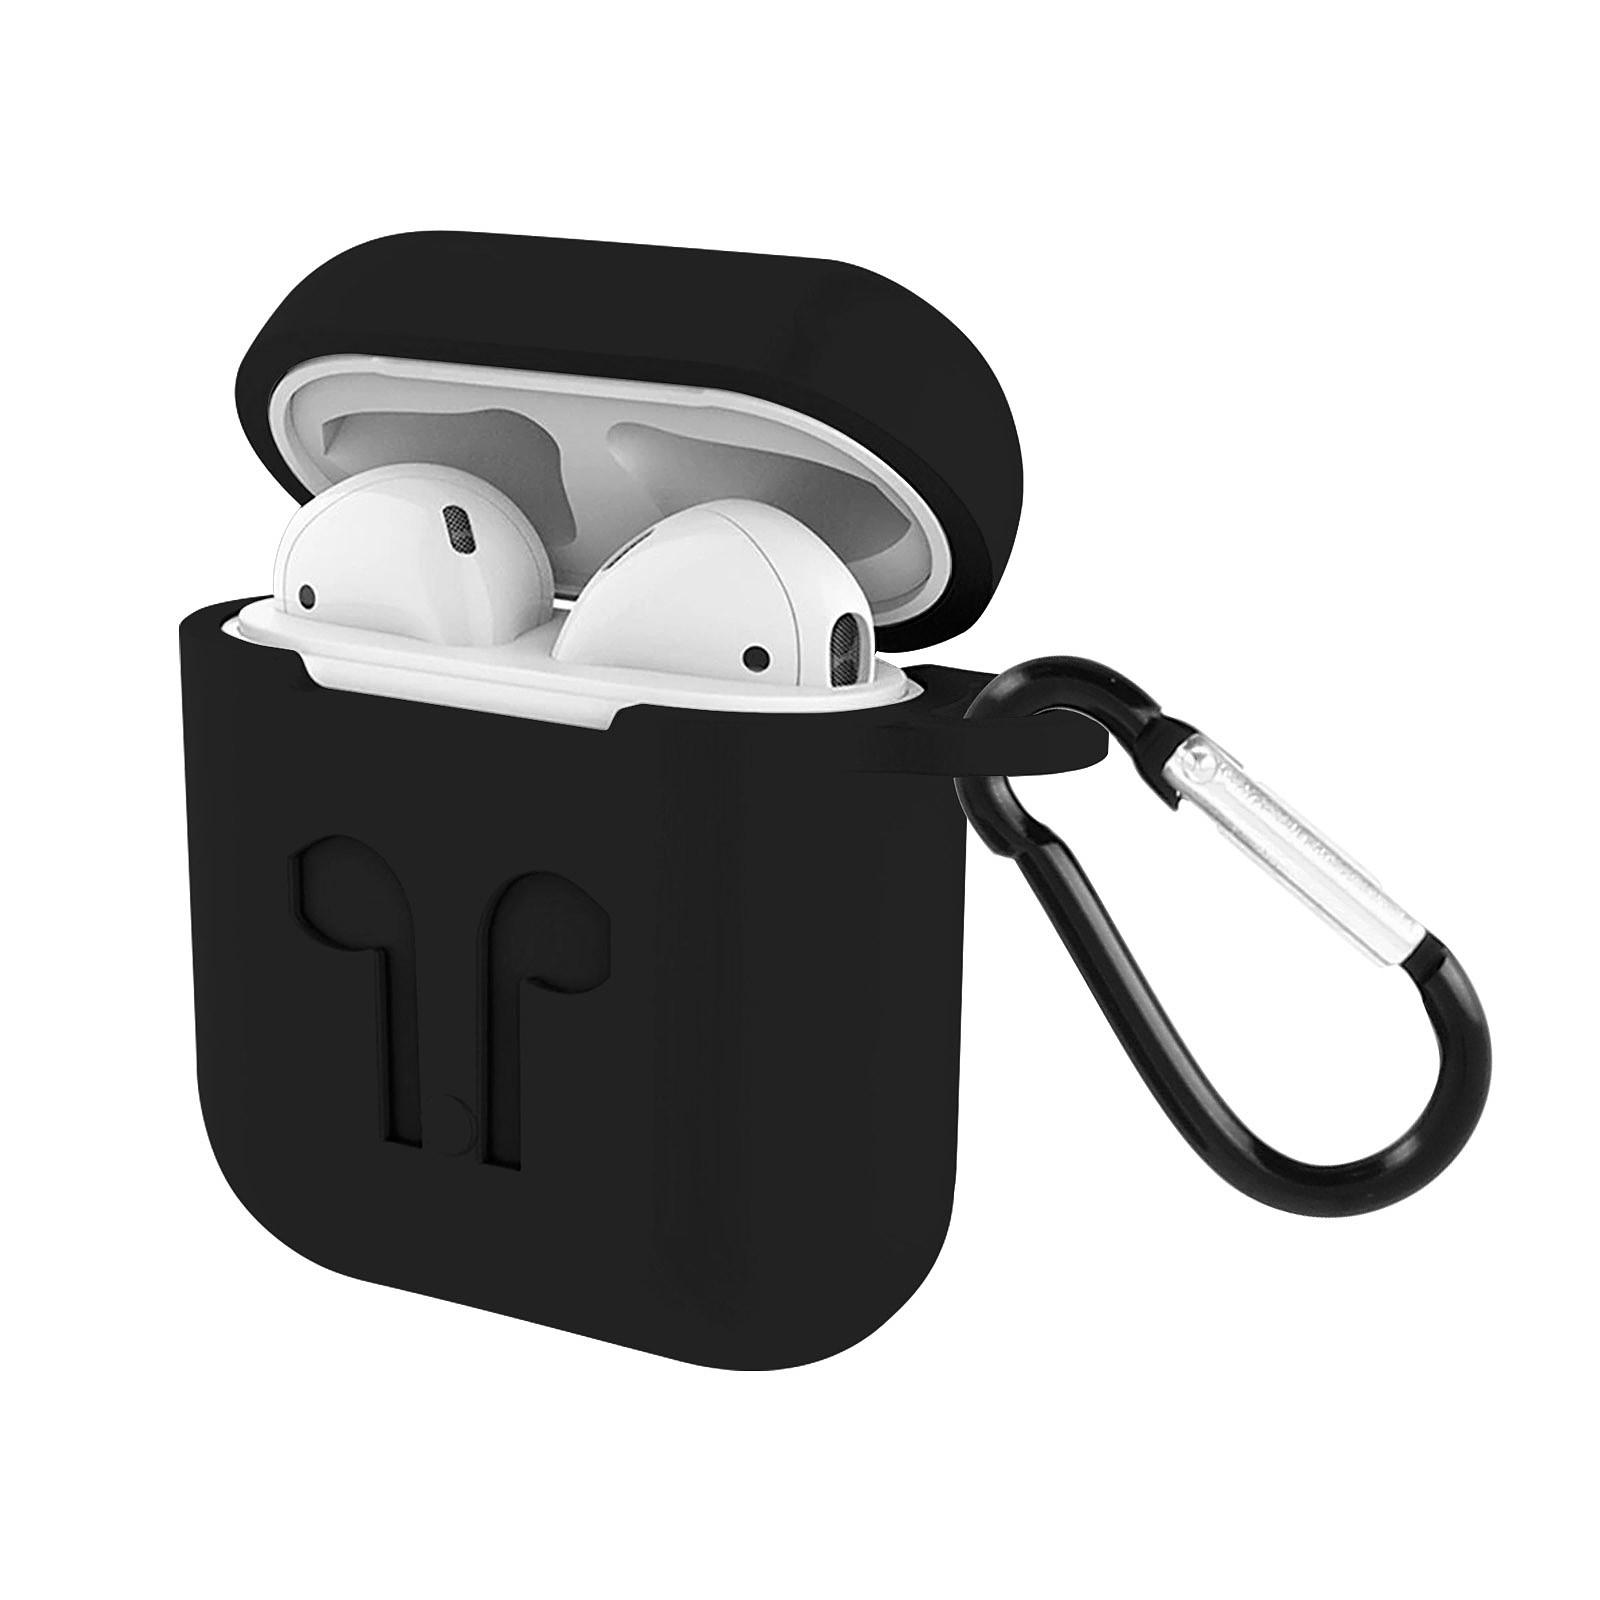 Avizar Coque Noir pour Apple AirPods 1 et 2